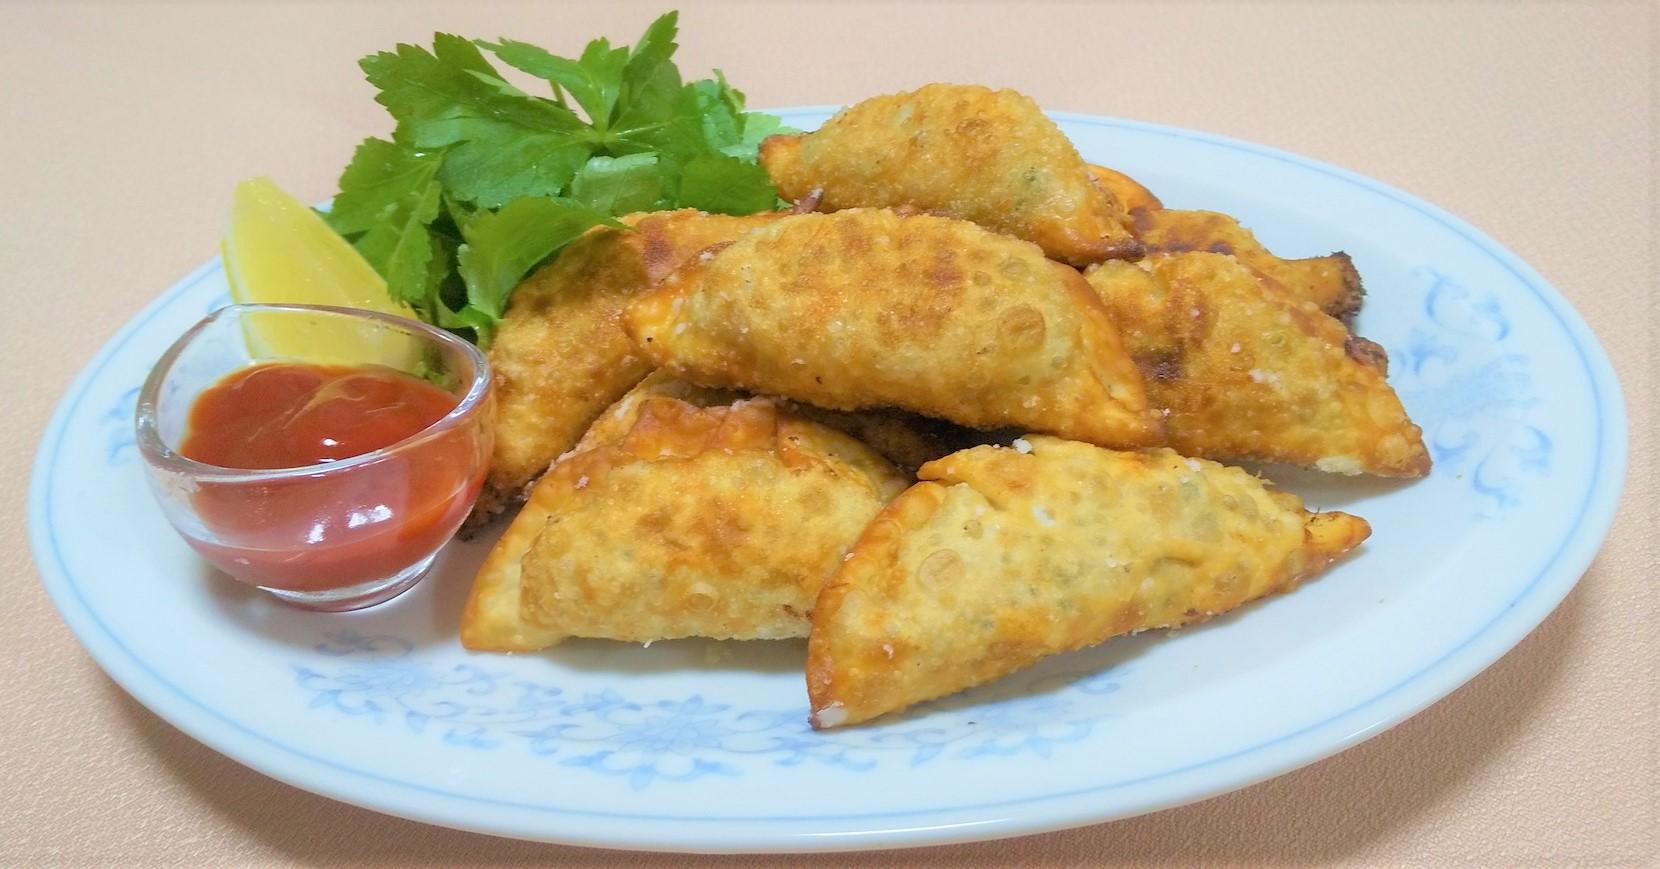 ツナと納豆のパリパリ餃子